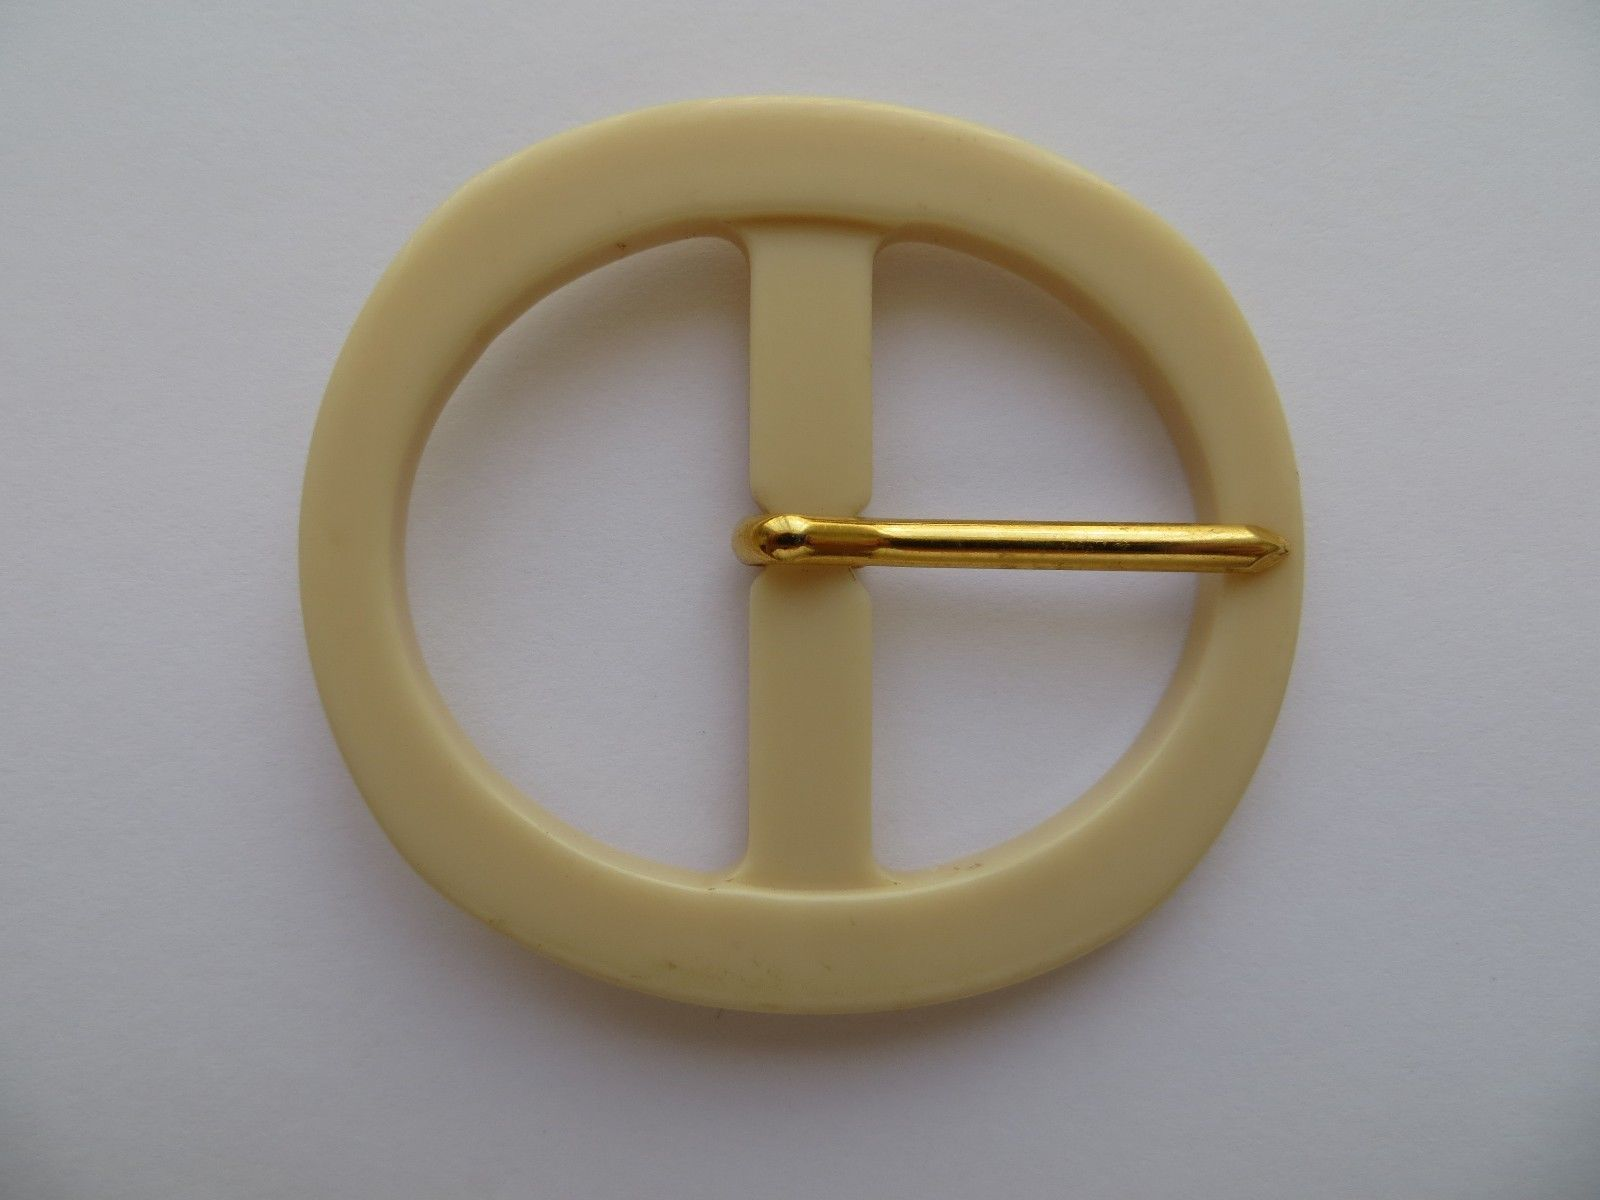 unused! vintage sewing buckle in rectangular shape Beige belt buckle